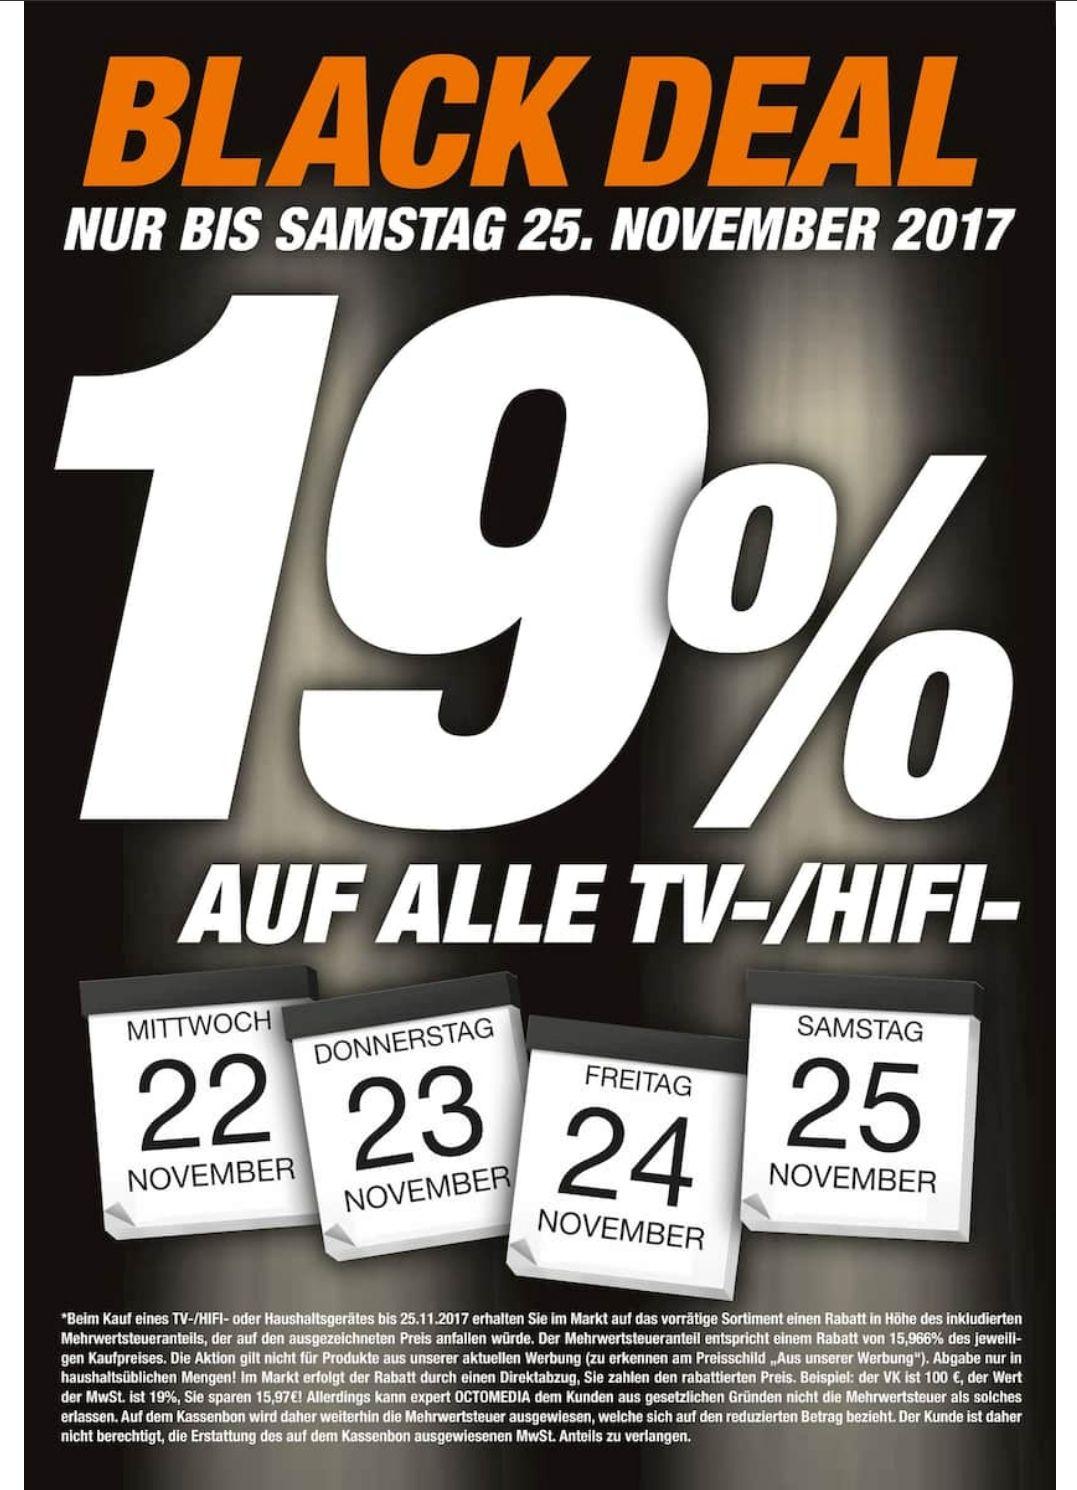 15.97% auf alle TV-/HiFi- und Haushaltsgeräte